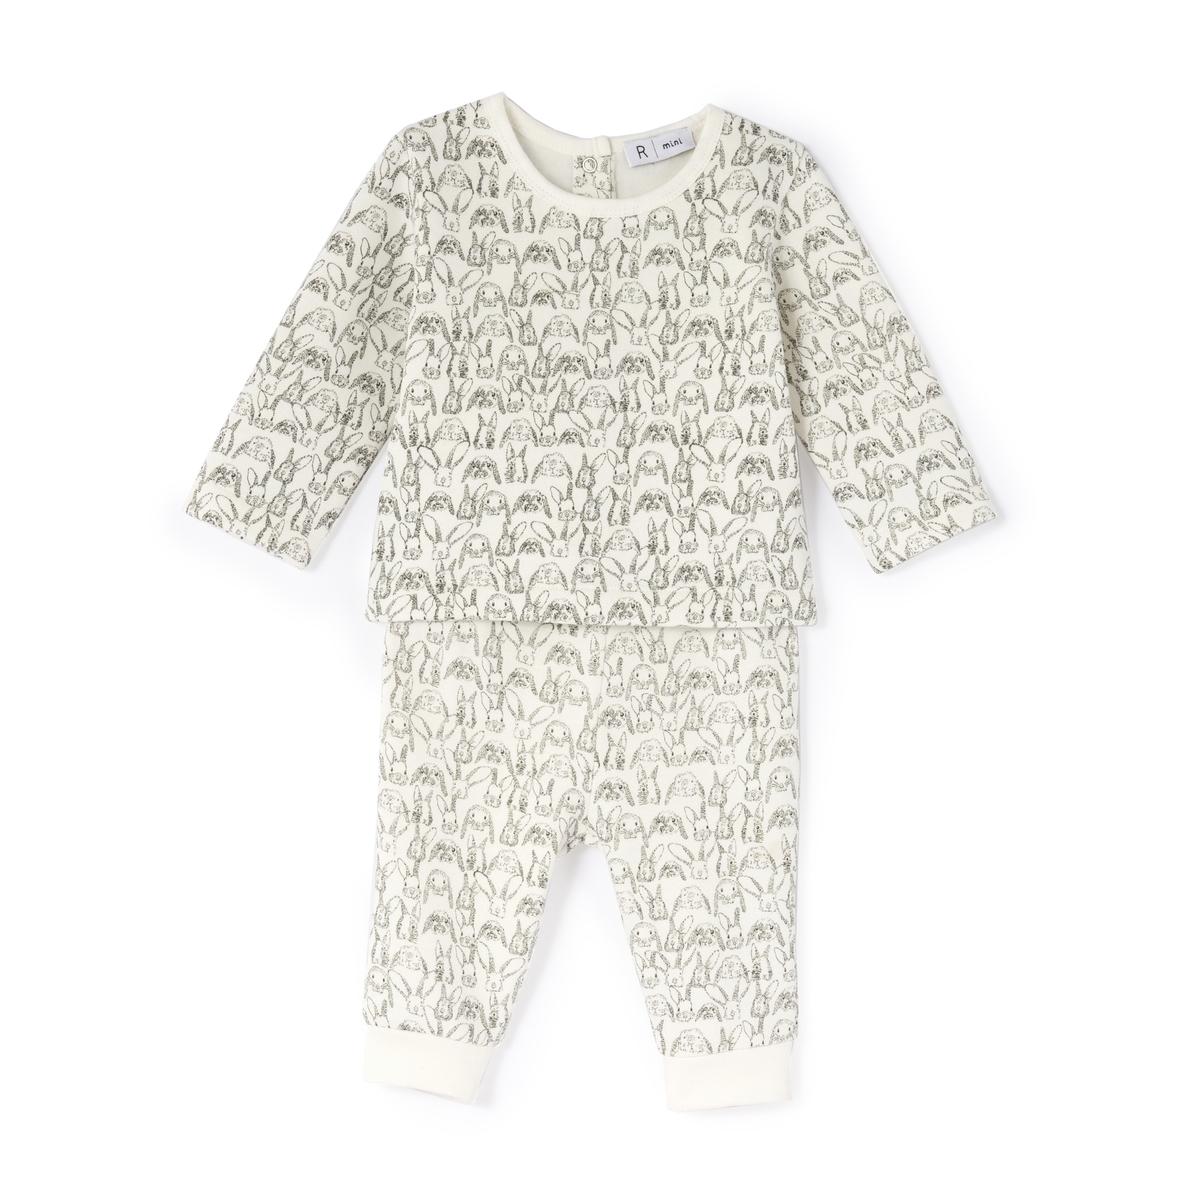 Комплект детский из 2 предметов одежды: свитшот и брюки